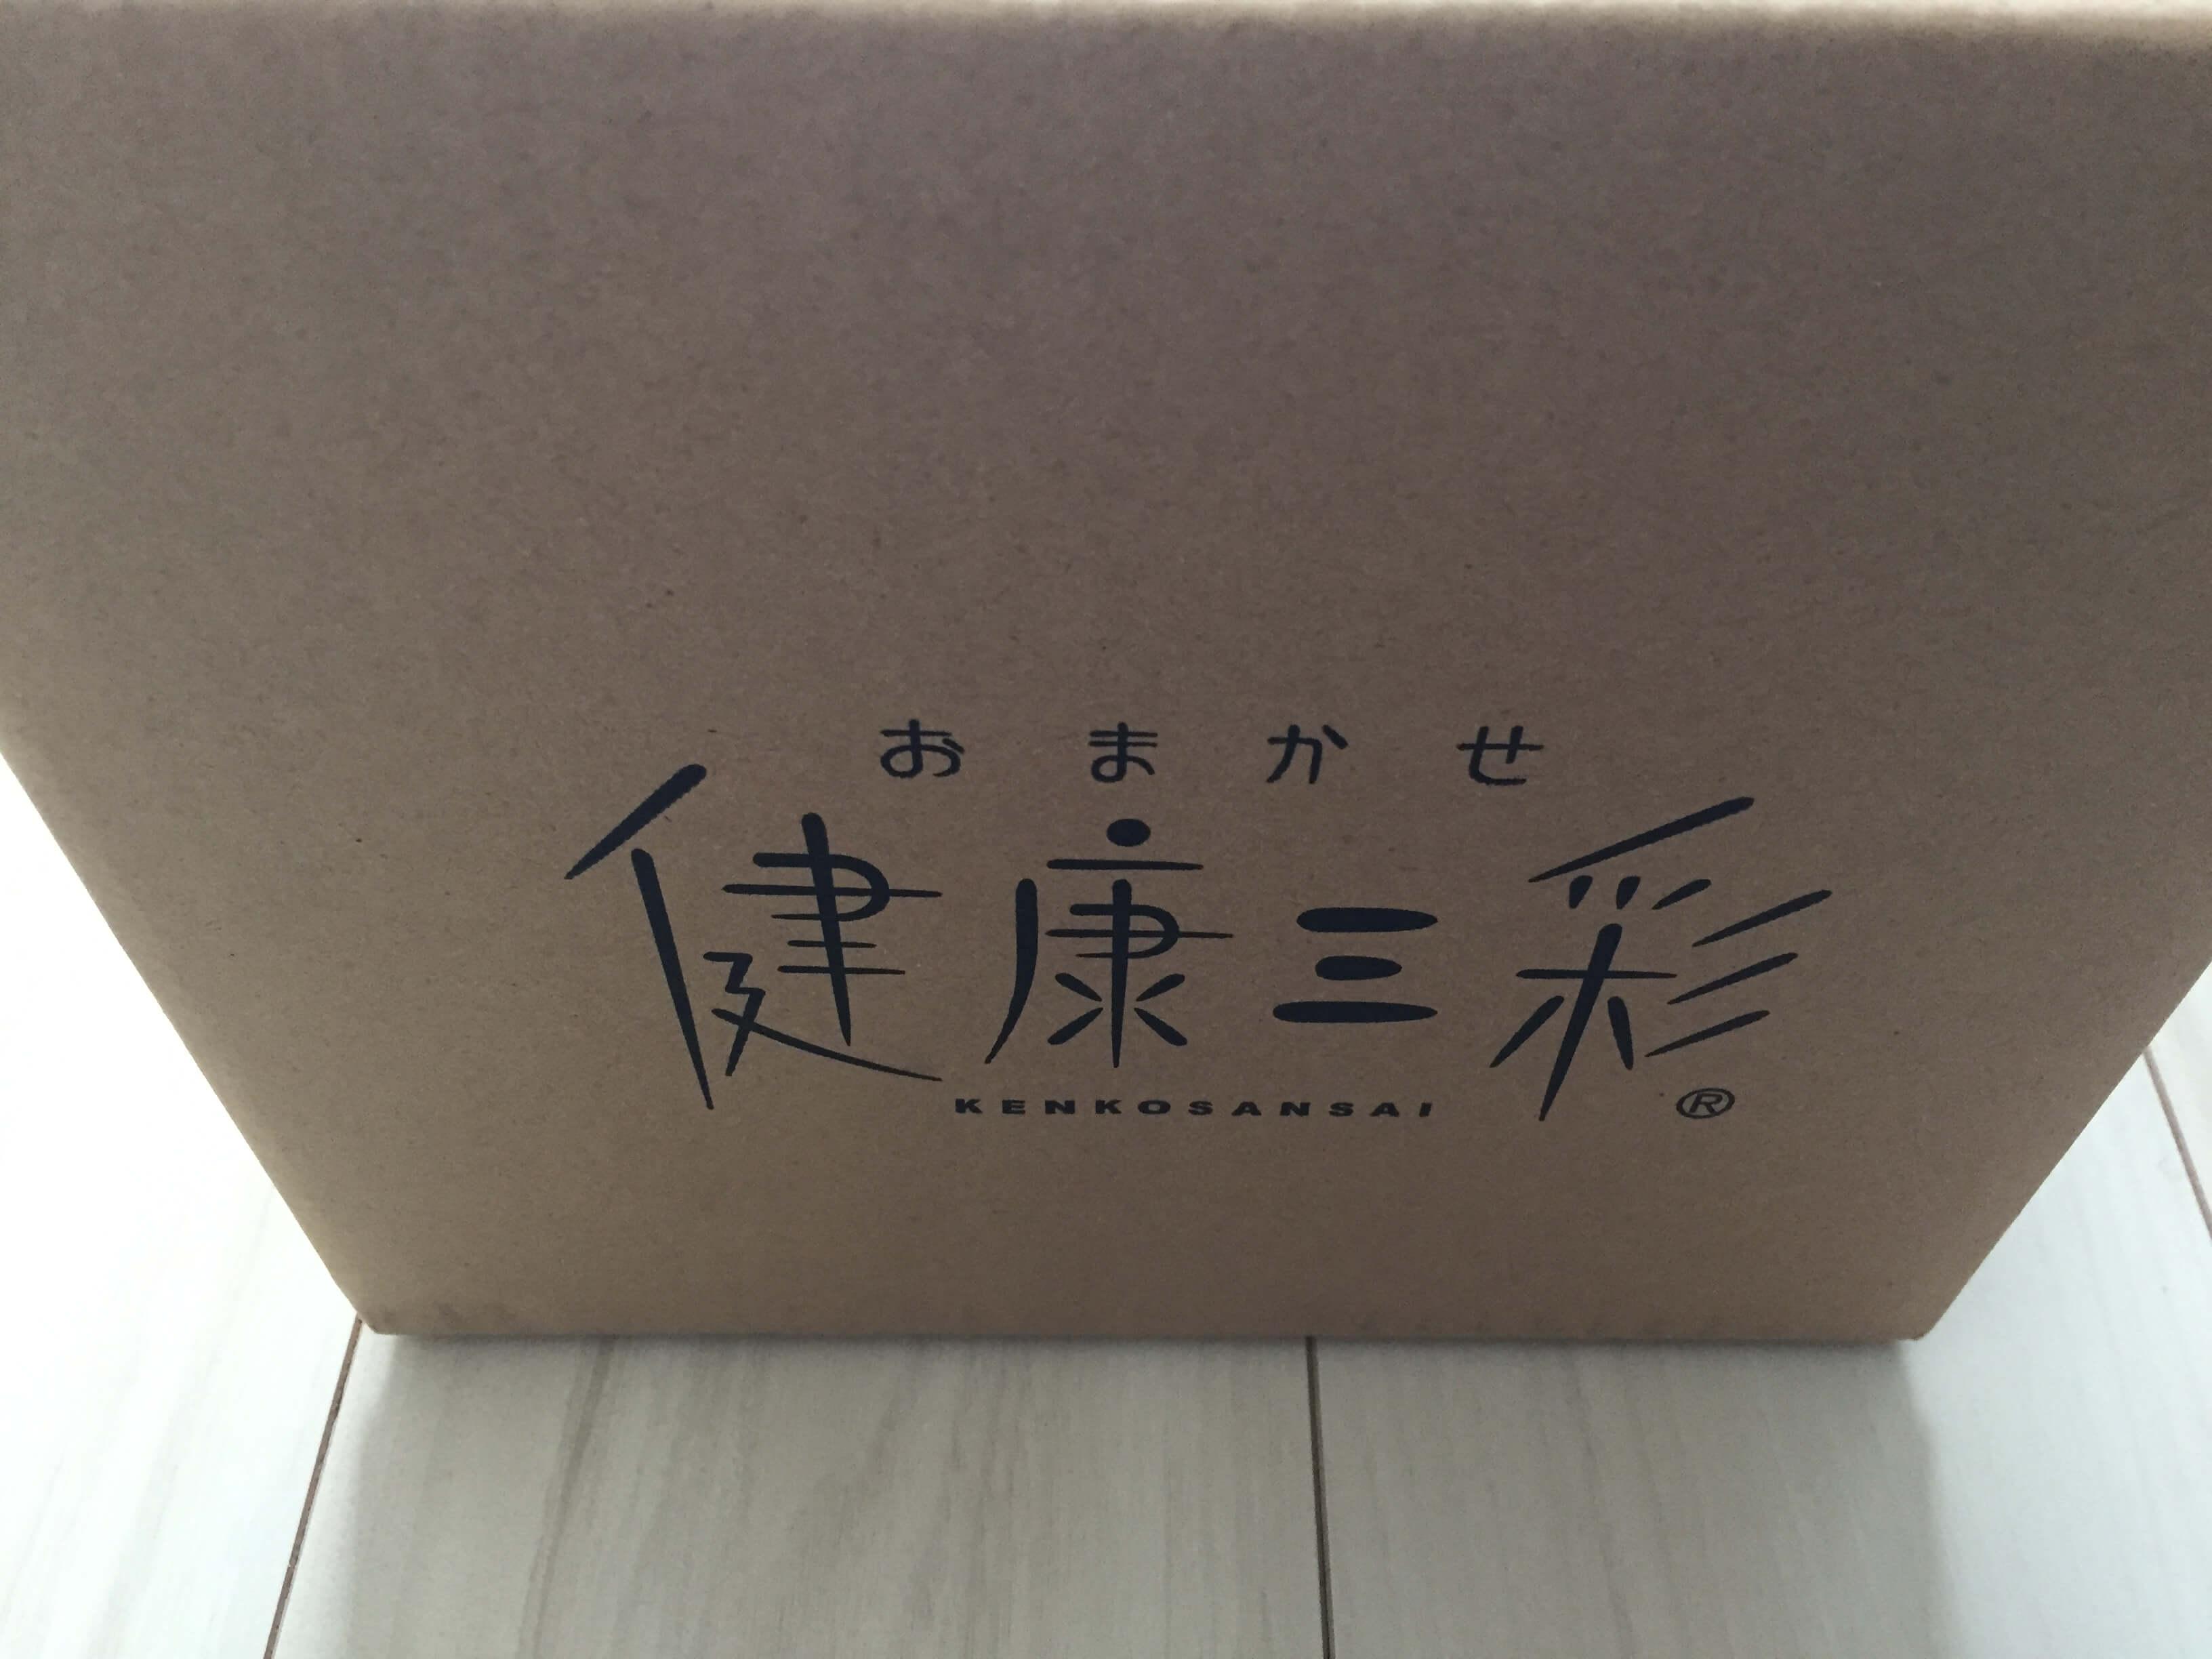 おまかせ健康三彩(トオカツフーズ)段ボール2